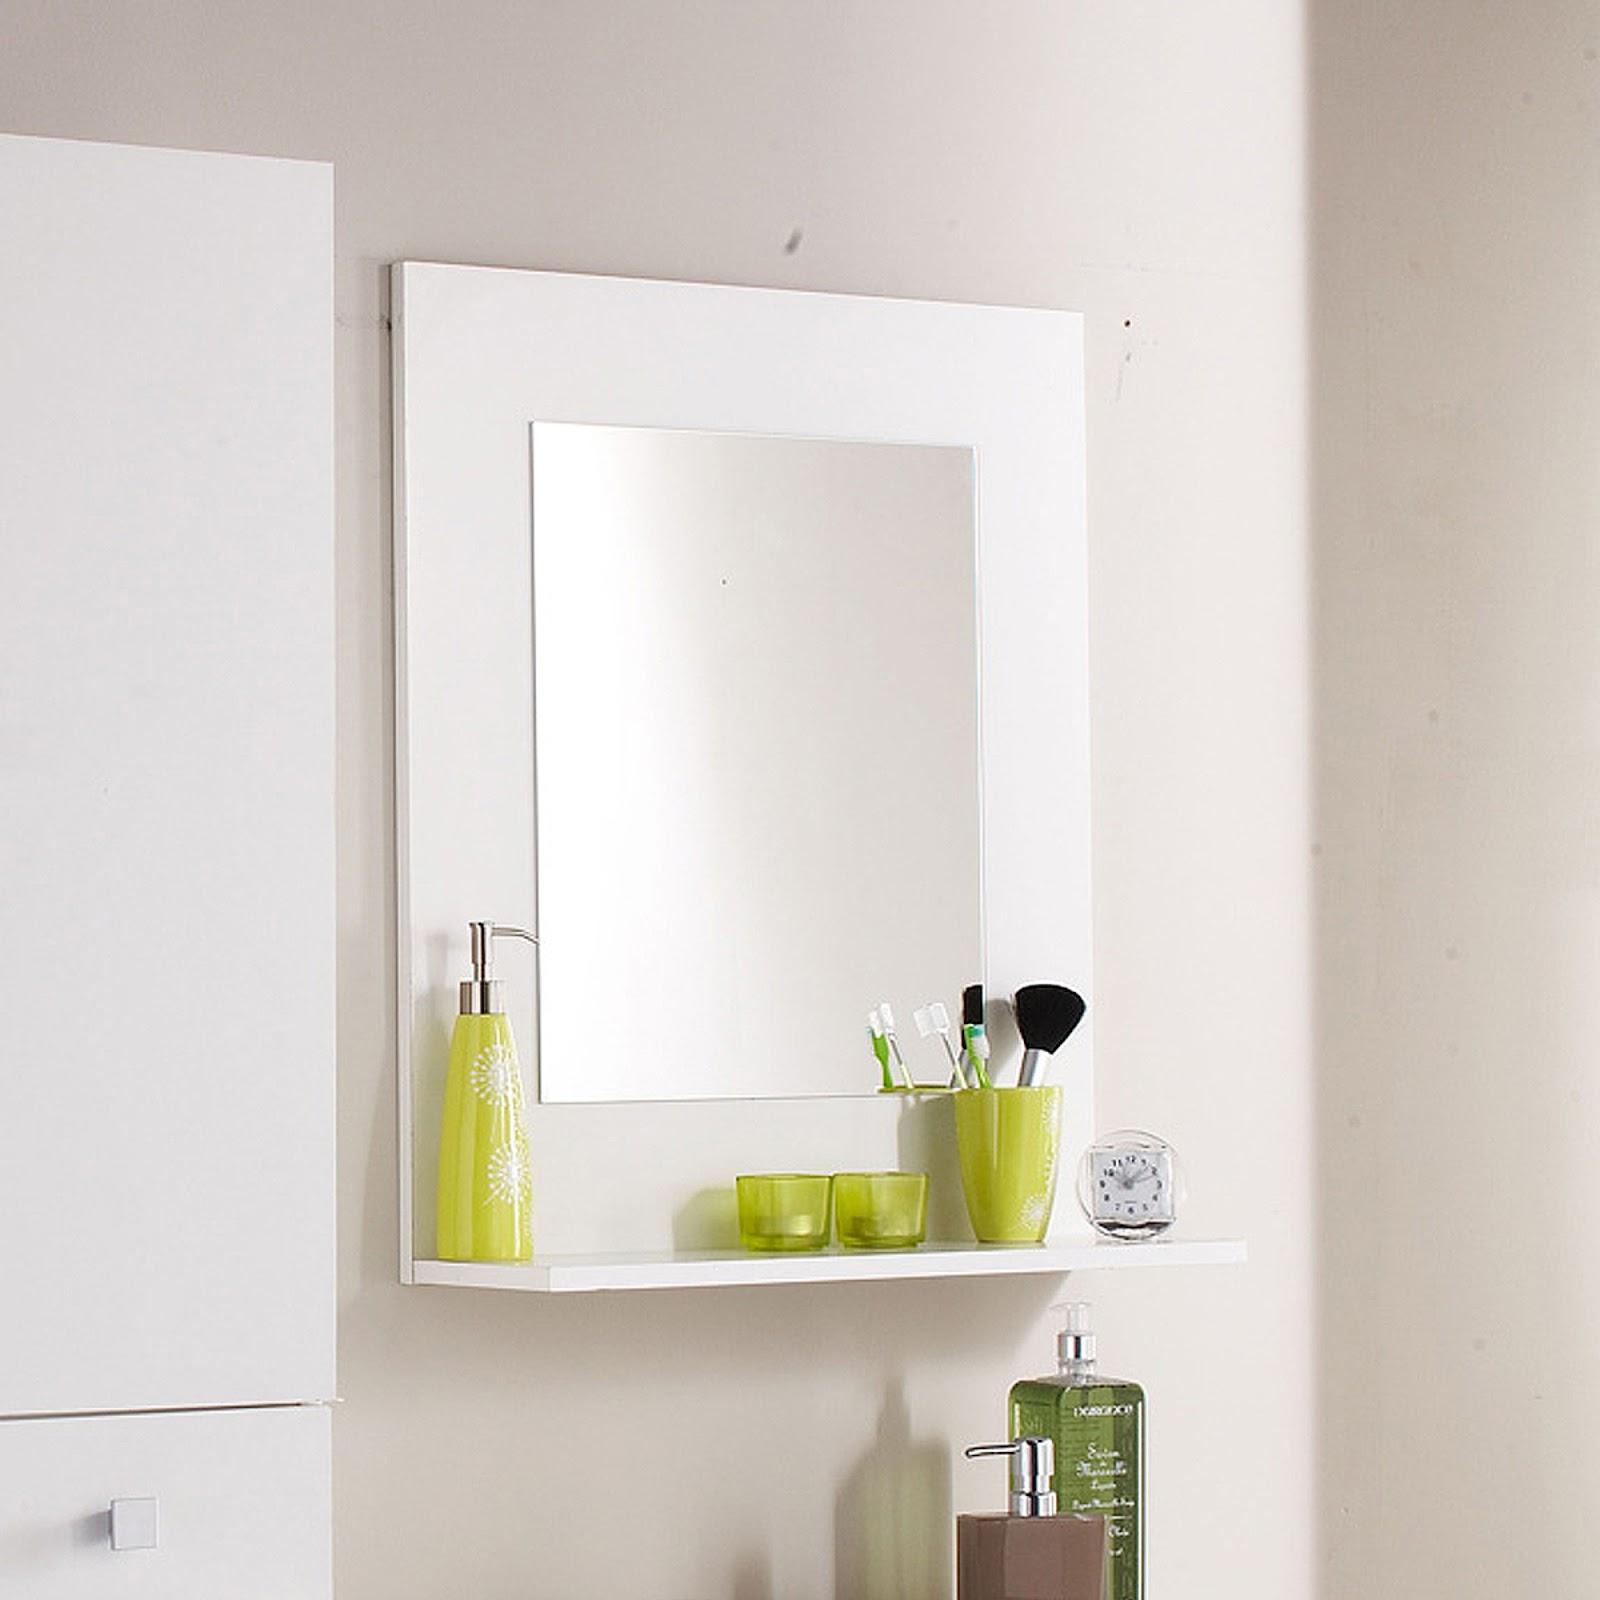 Meubles de salle de bain design meubles de salle de bain for Miroir simple